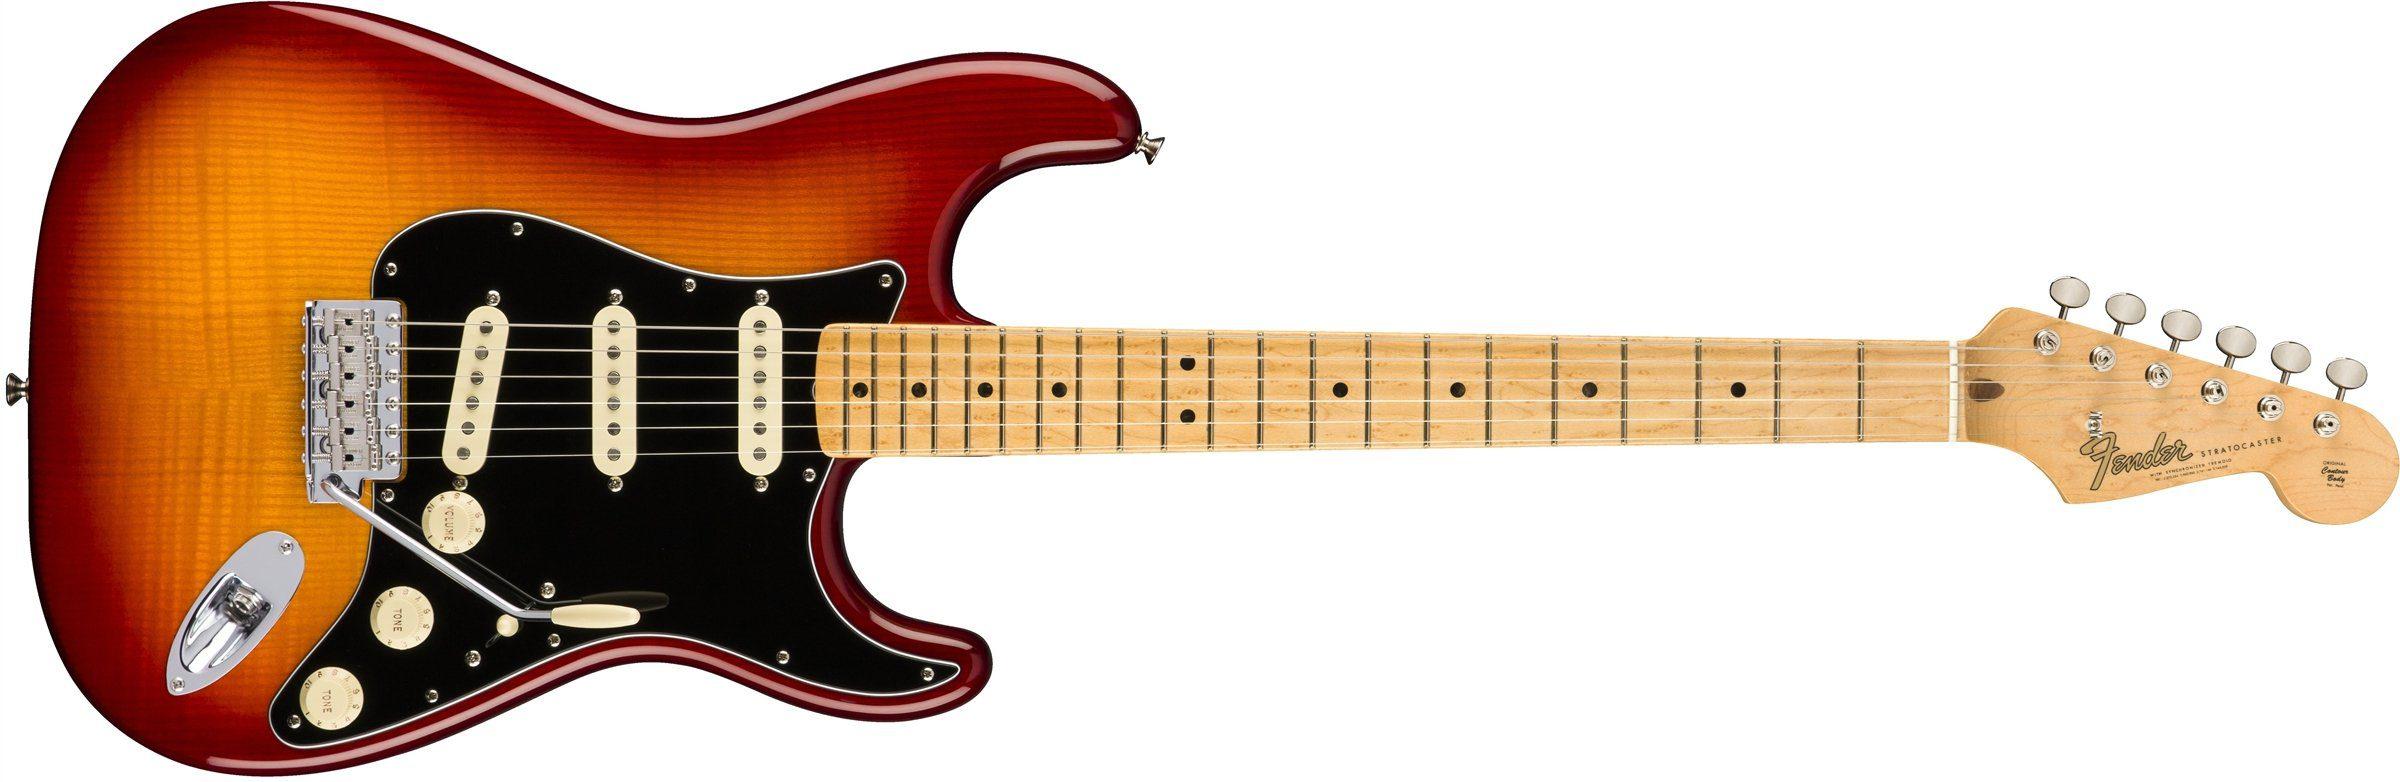 Fender Rarities Stratocaster Plasma Red Burst EGitarre